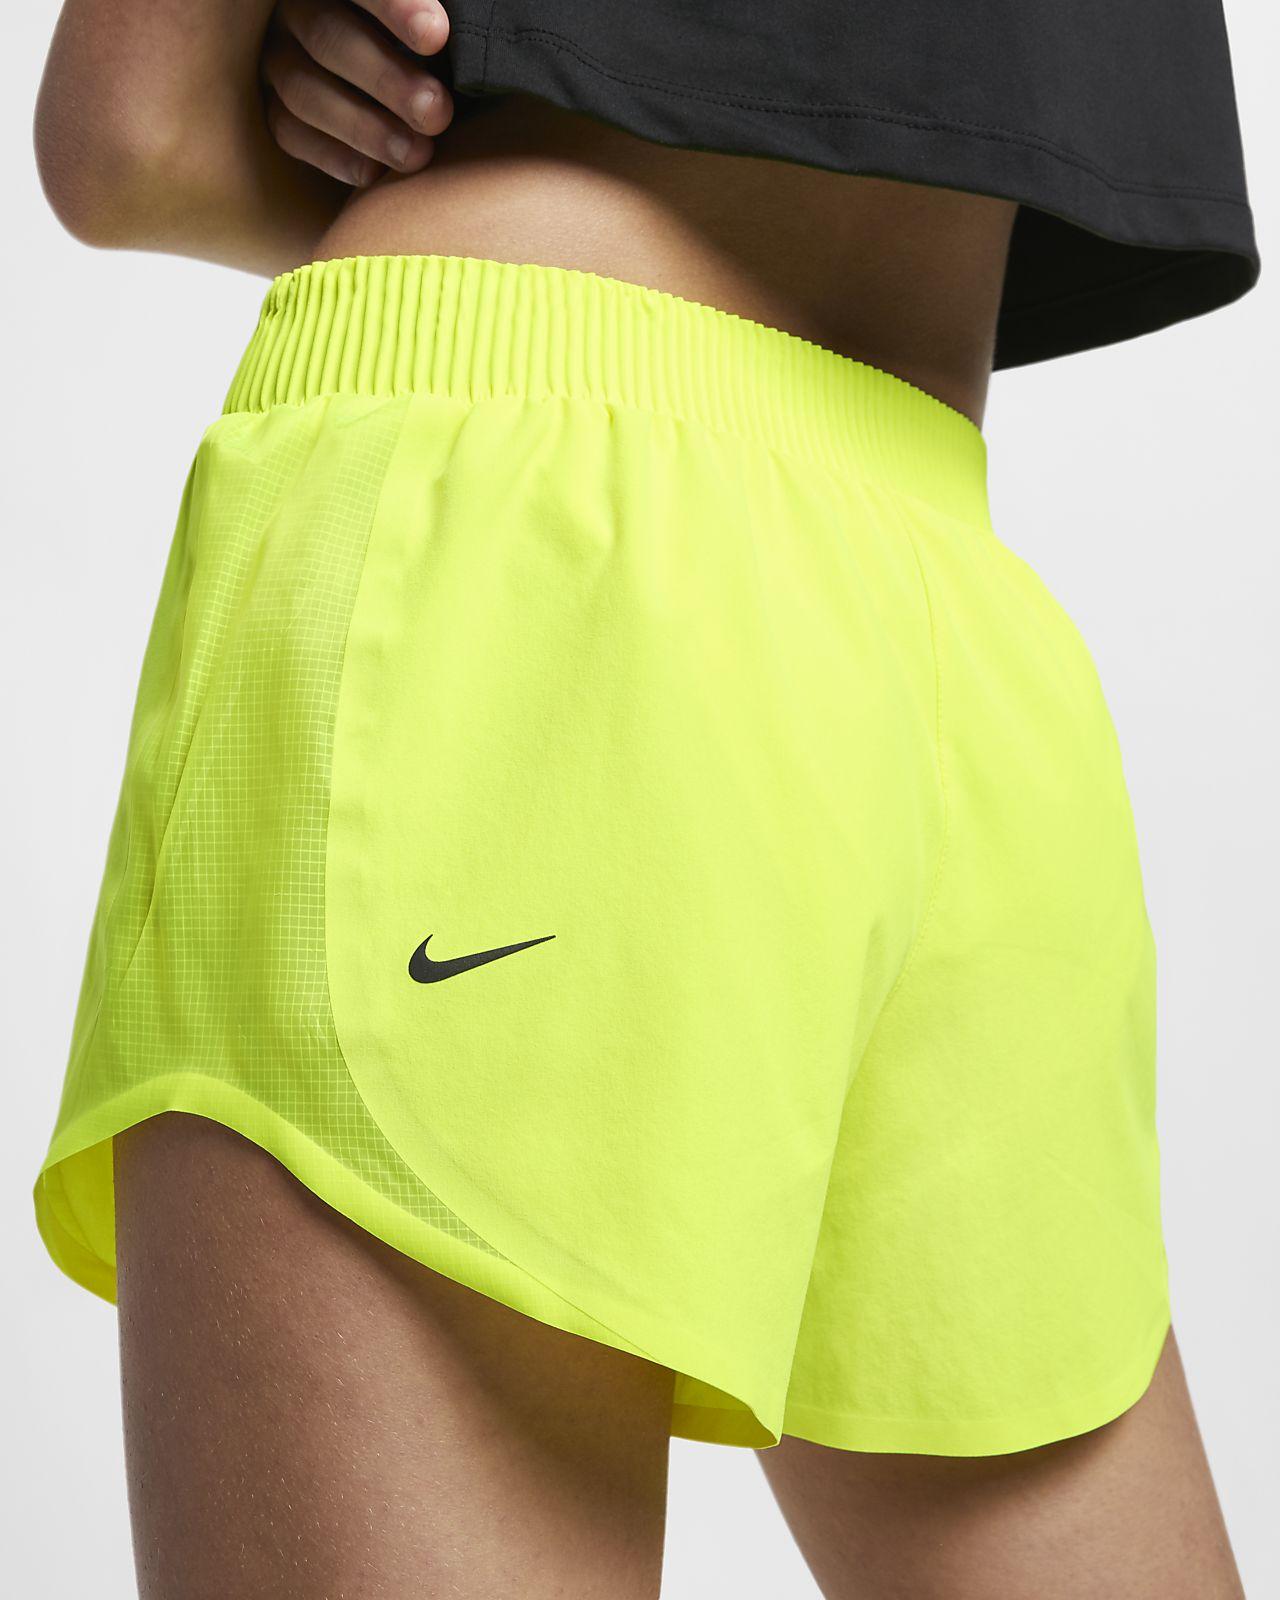 c2f53b5a98 Shorts da running Nike Tempo – Donna. Nike.com IT